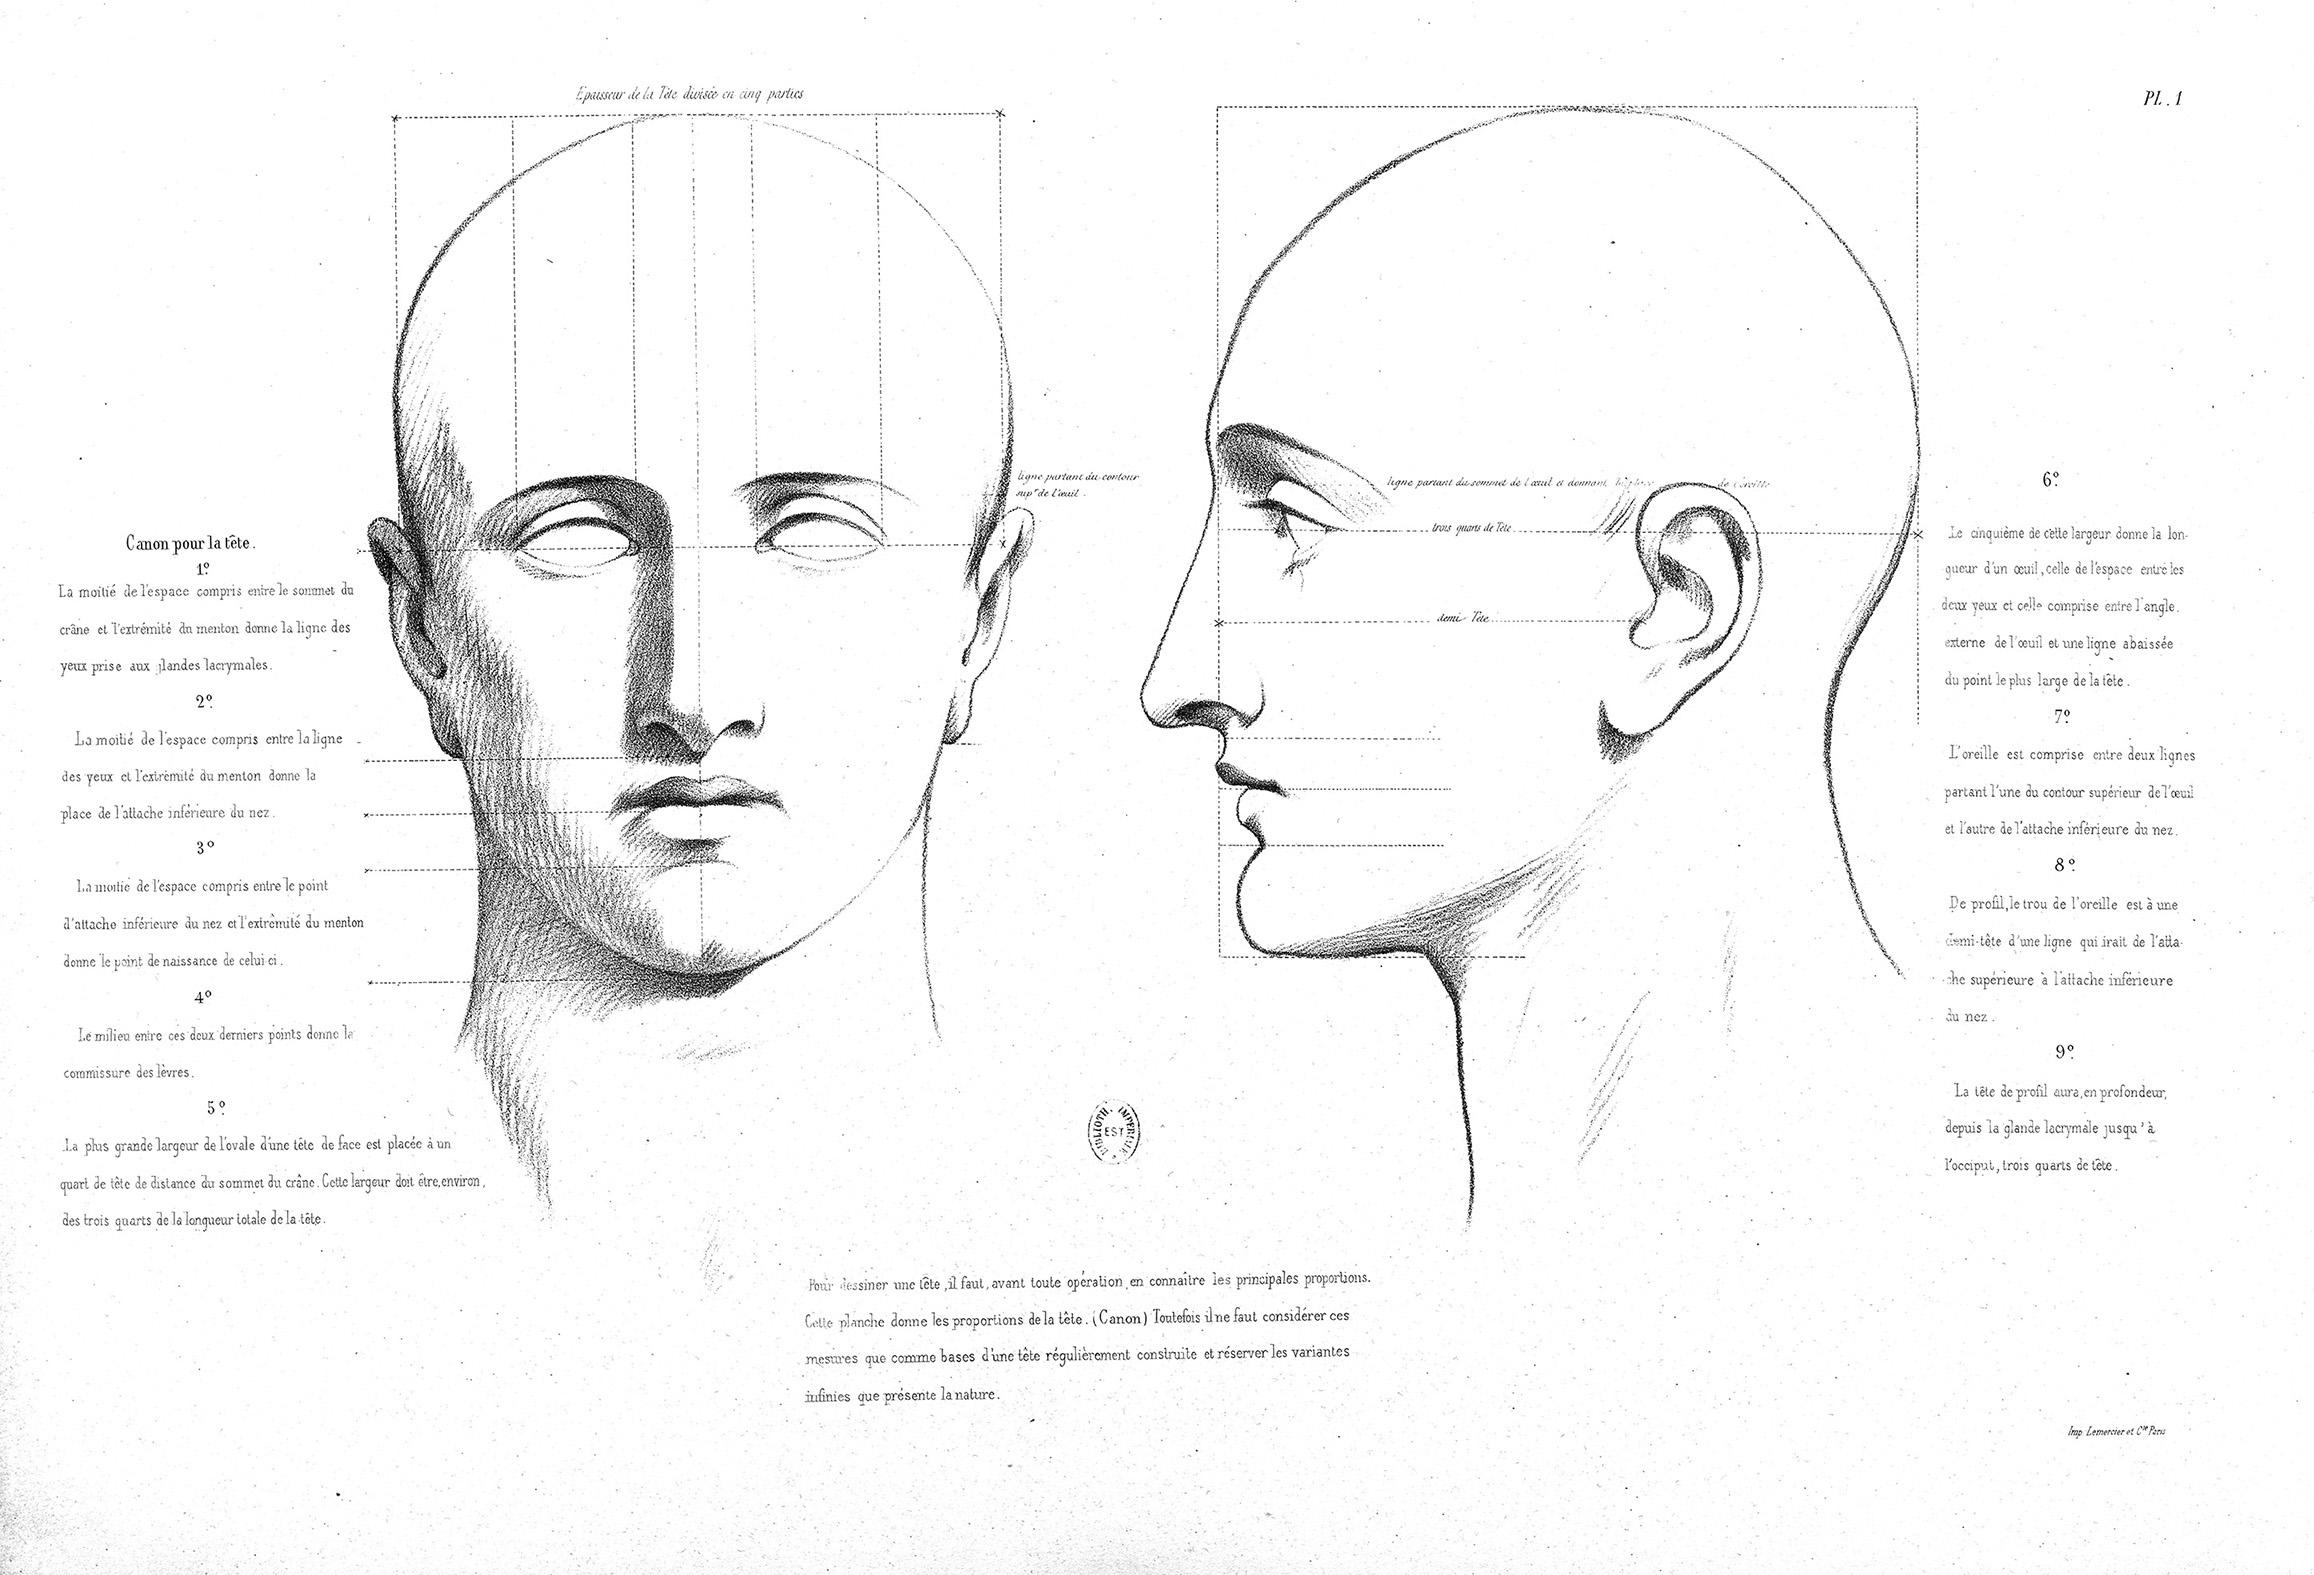 Les Canons de la tête d'après la méthode d'A. Yvon - Gallica